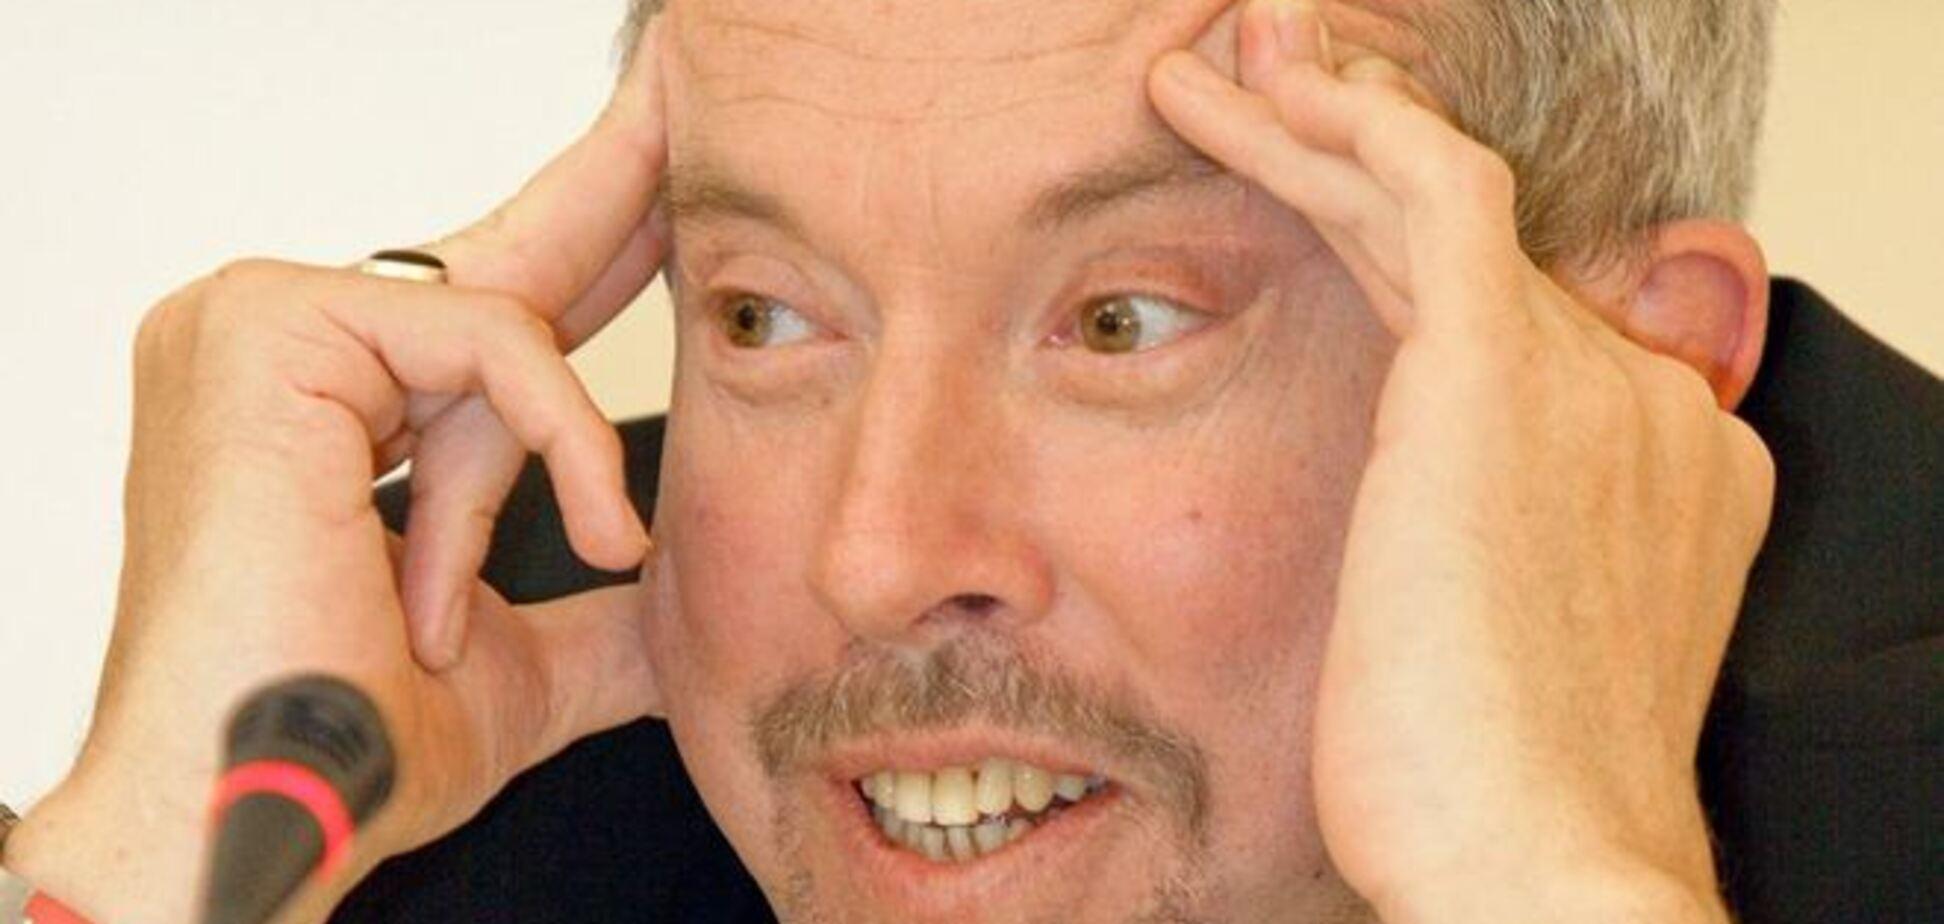 Макаревичу отказывают в концертах даже благотворительные фонды